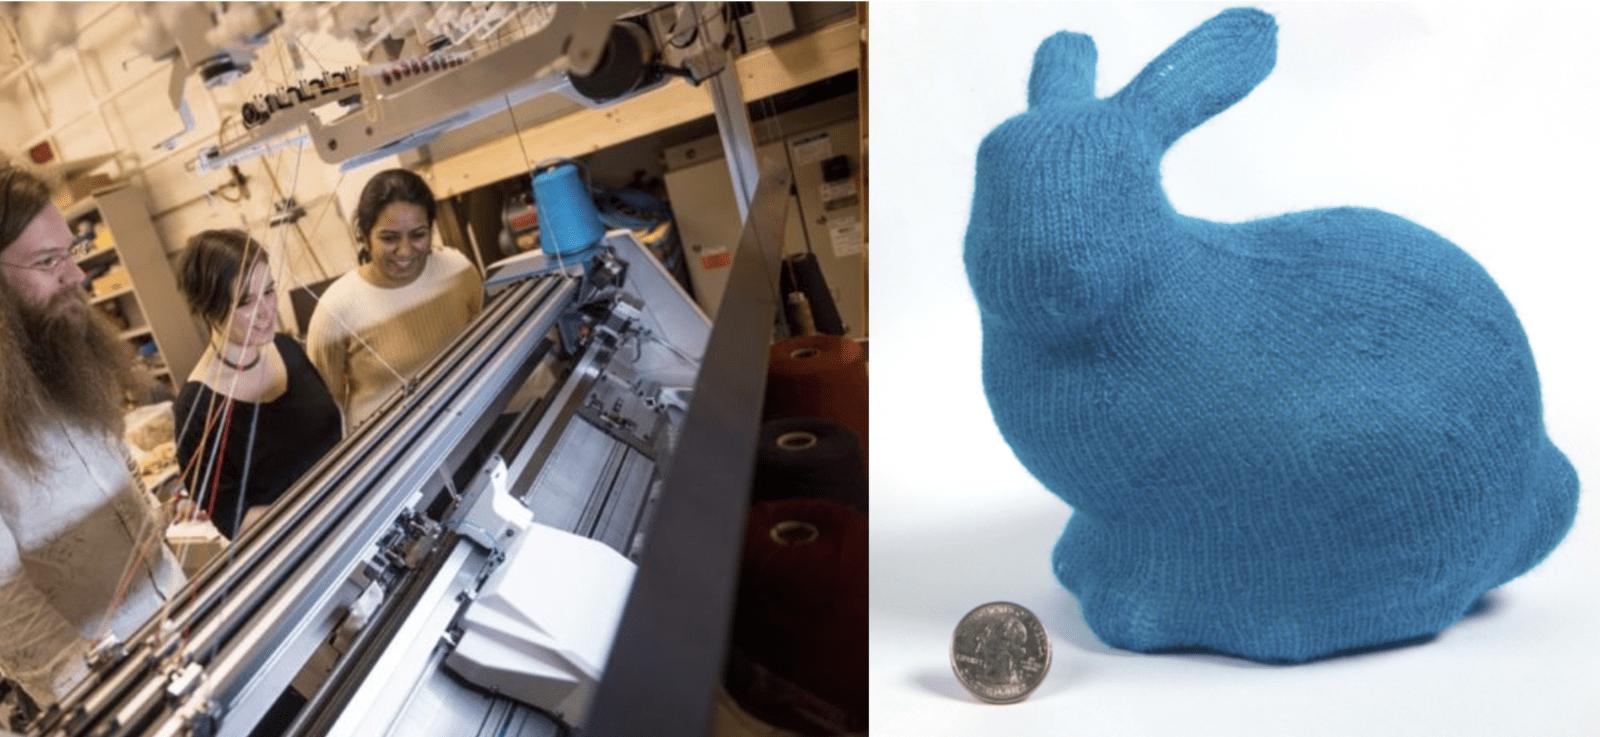 毛冷 3D 打印系統登場 服飾樣辦製作更方便